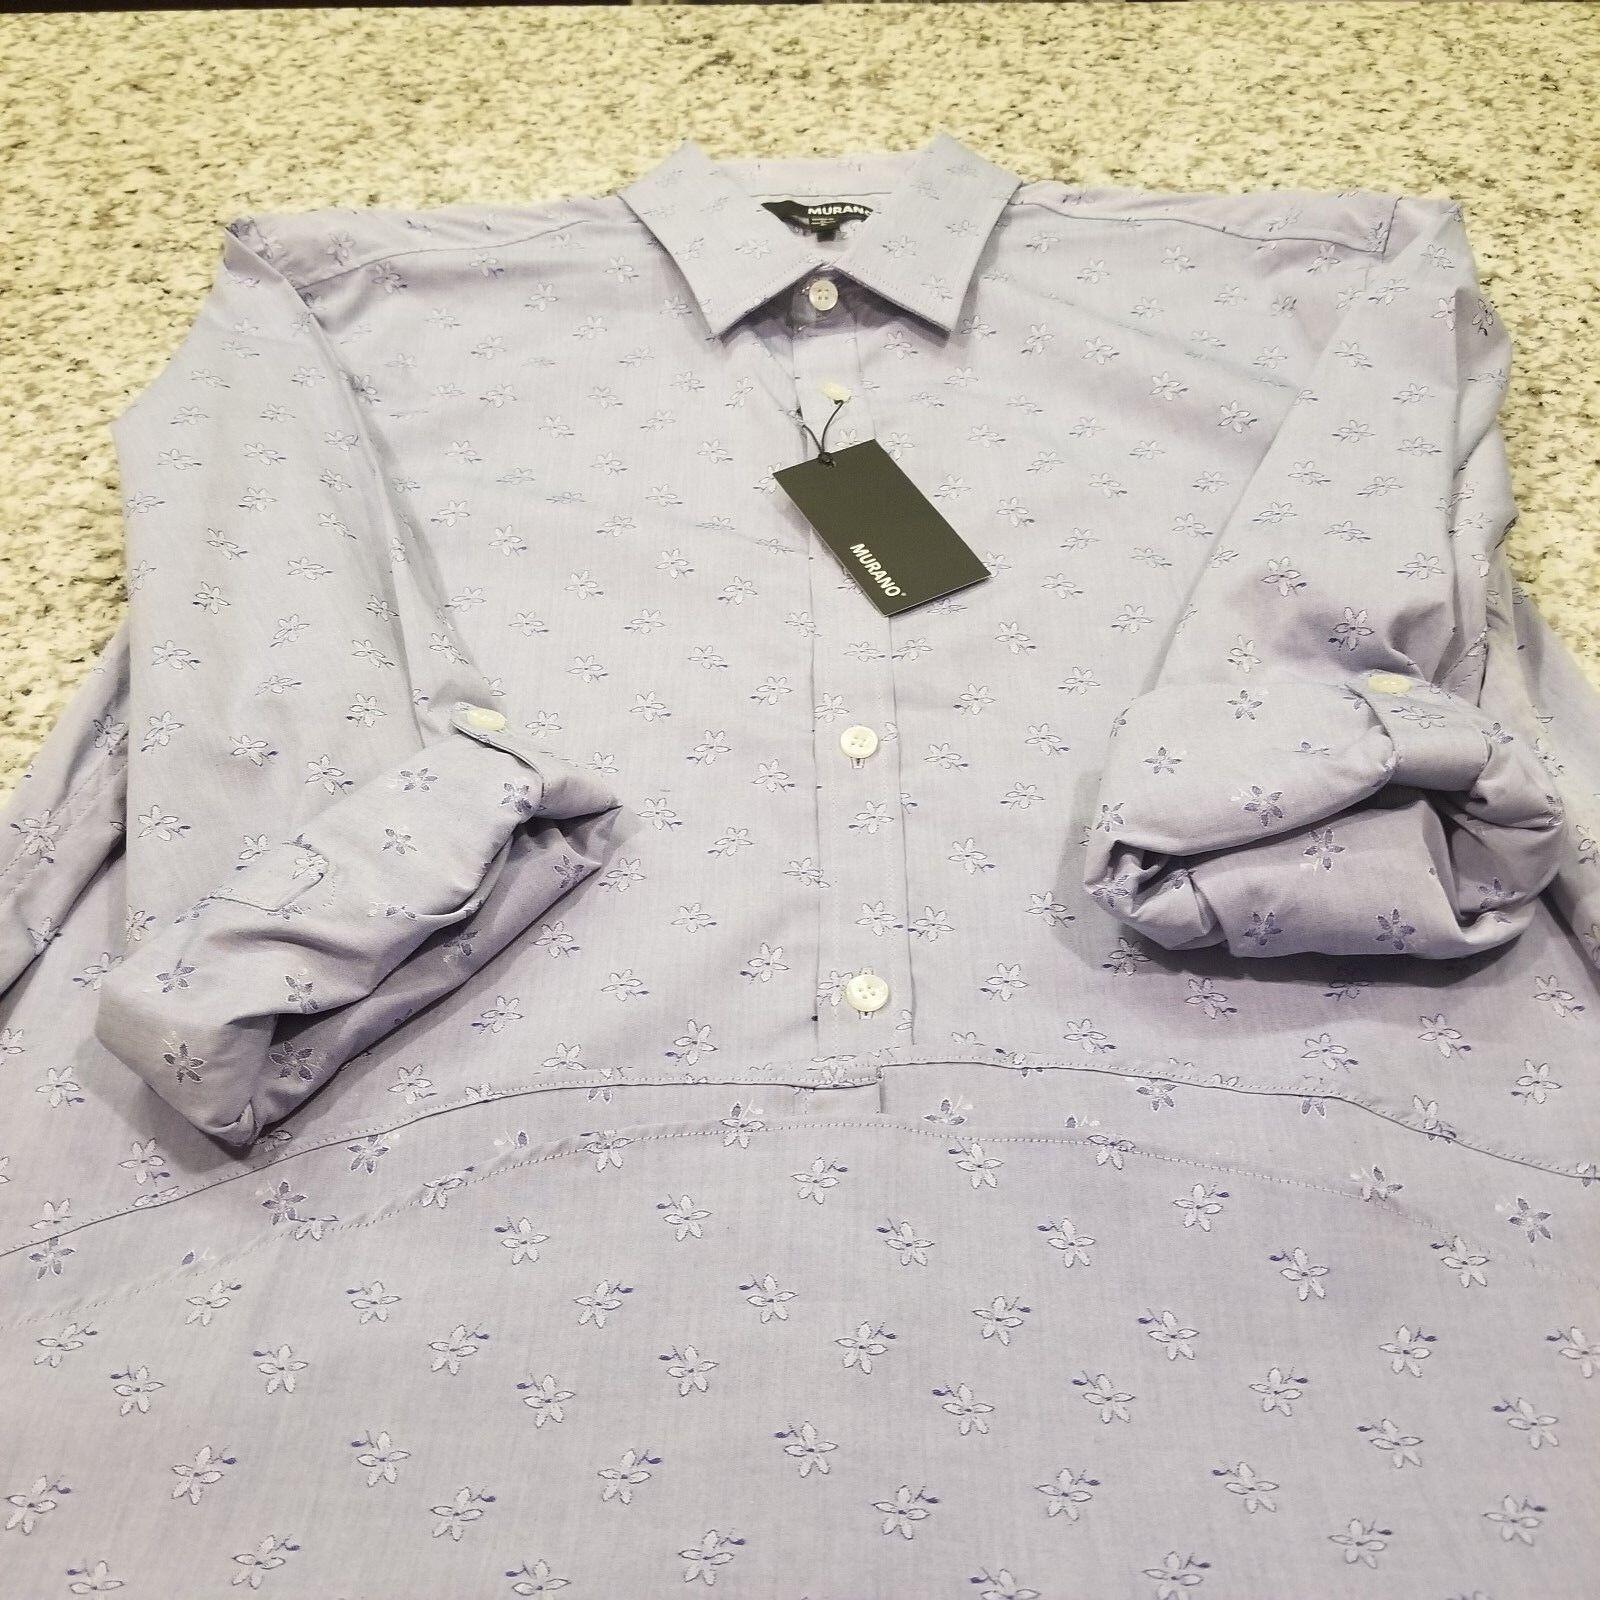 b339ead9 Men's MURANO Sleeve Shirt bluee XLT NEW Long nwsbnn6829-Casual ...